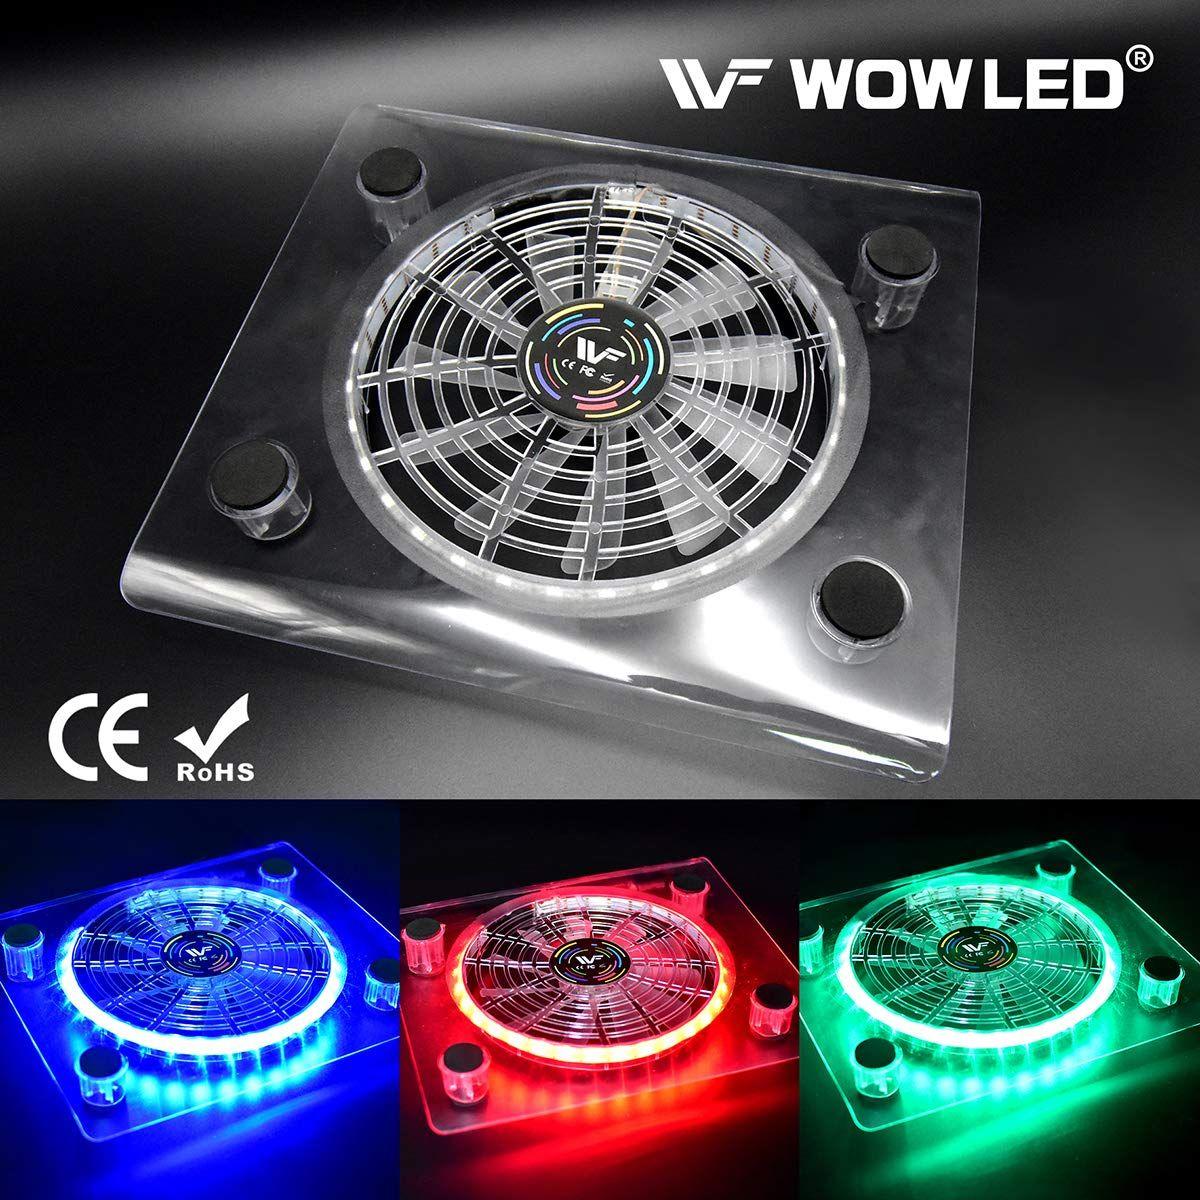 Wowled Cooling Fan Mini 3 Keys Control Gaming Usb Rgb Led Cooler